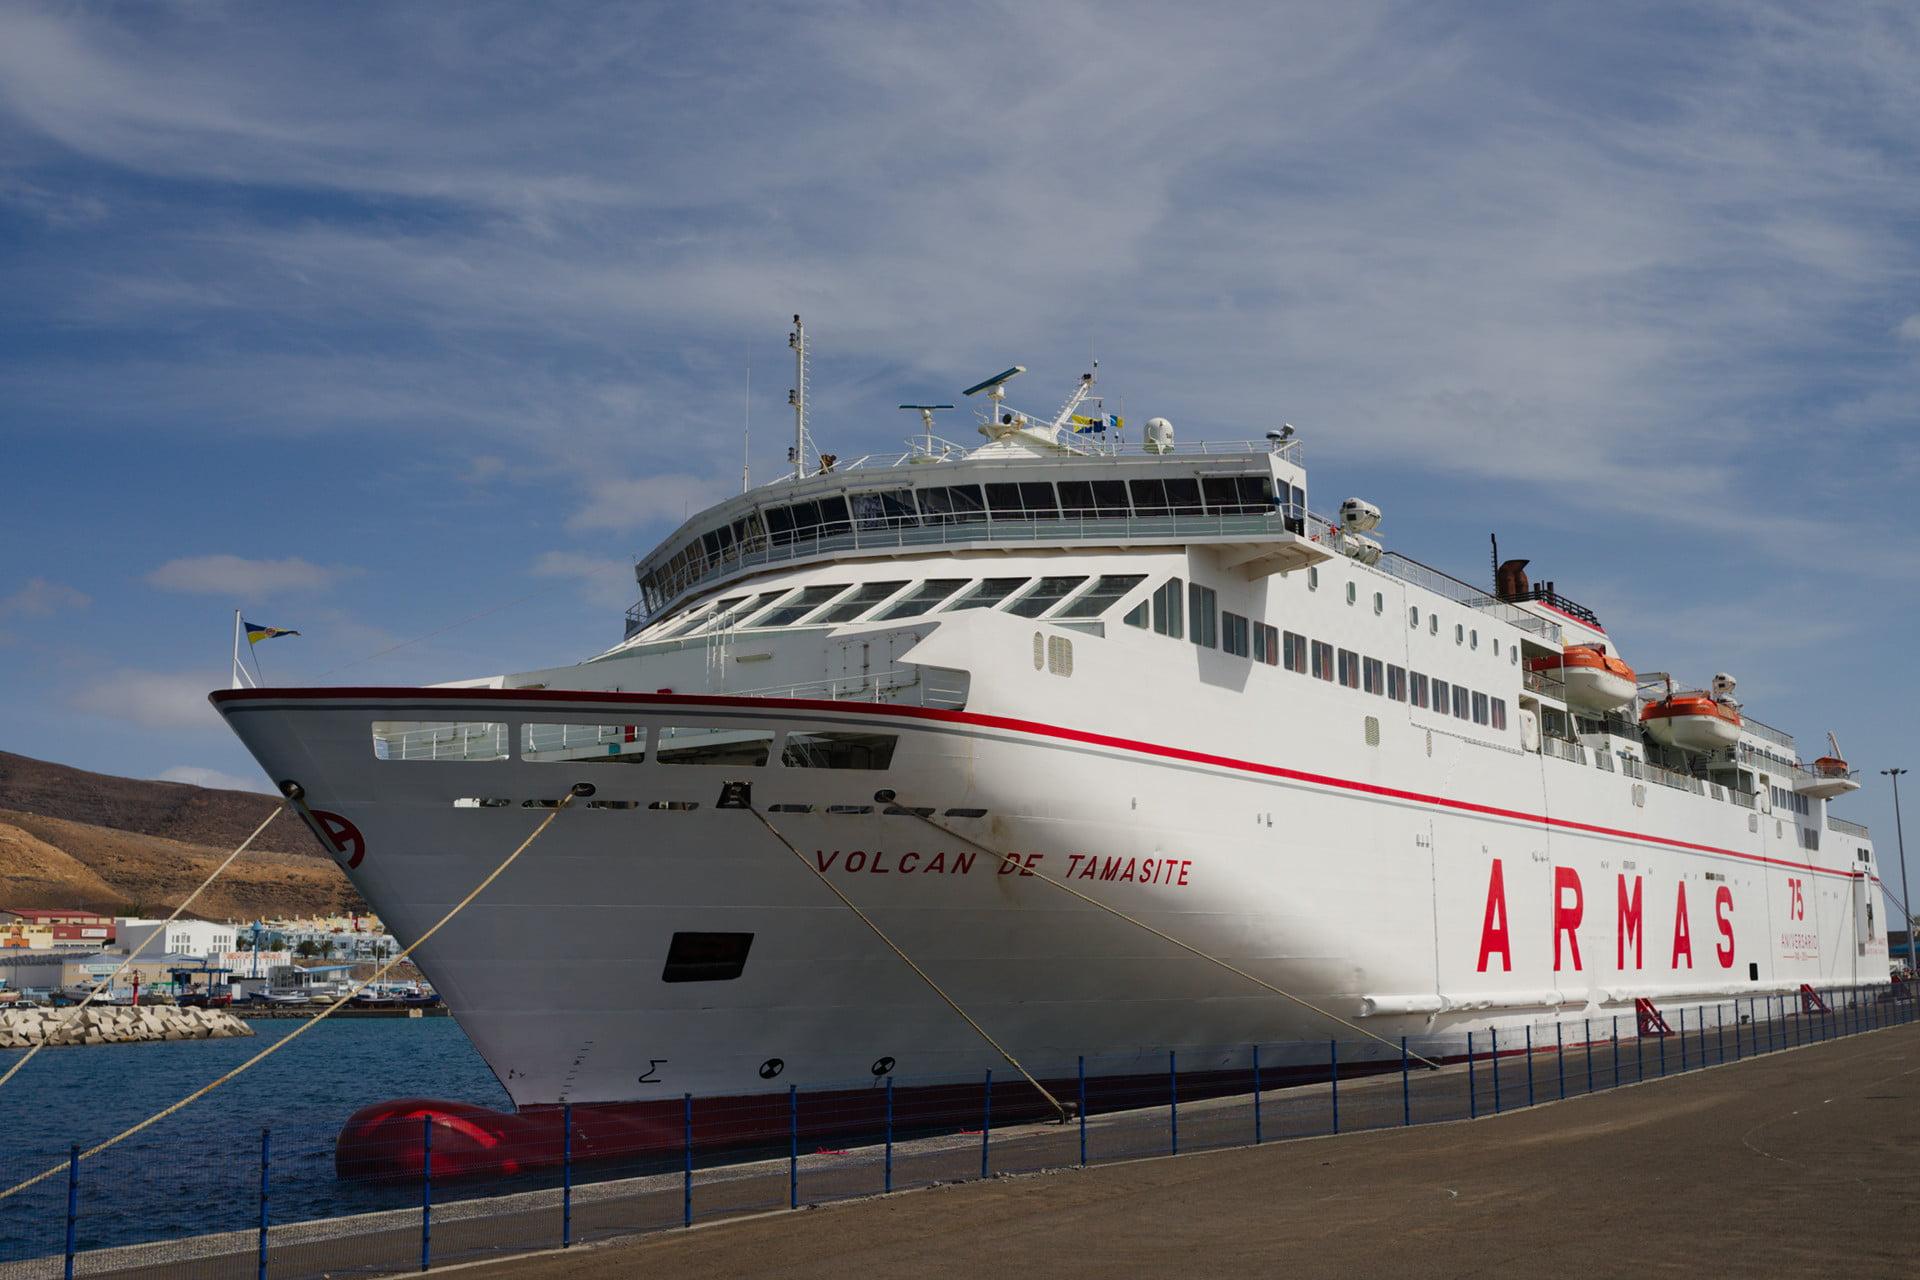 Naviera Armas Volcan de Tamasite Ferry